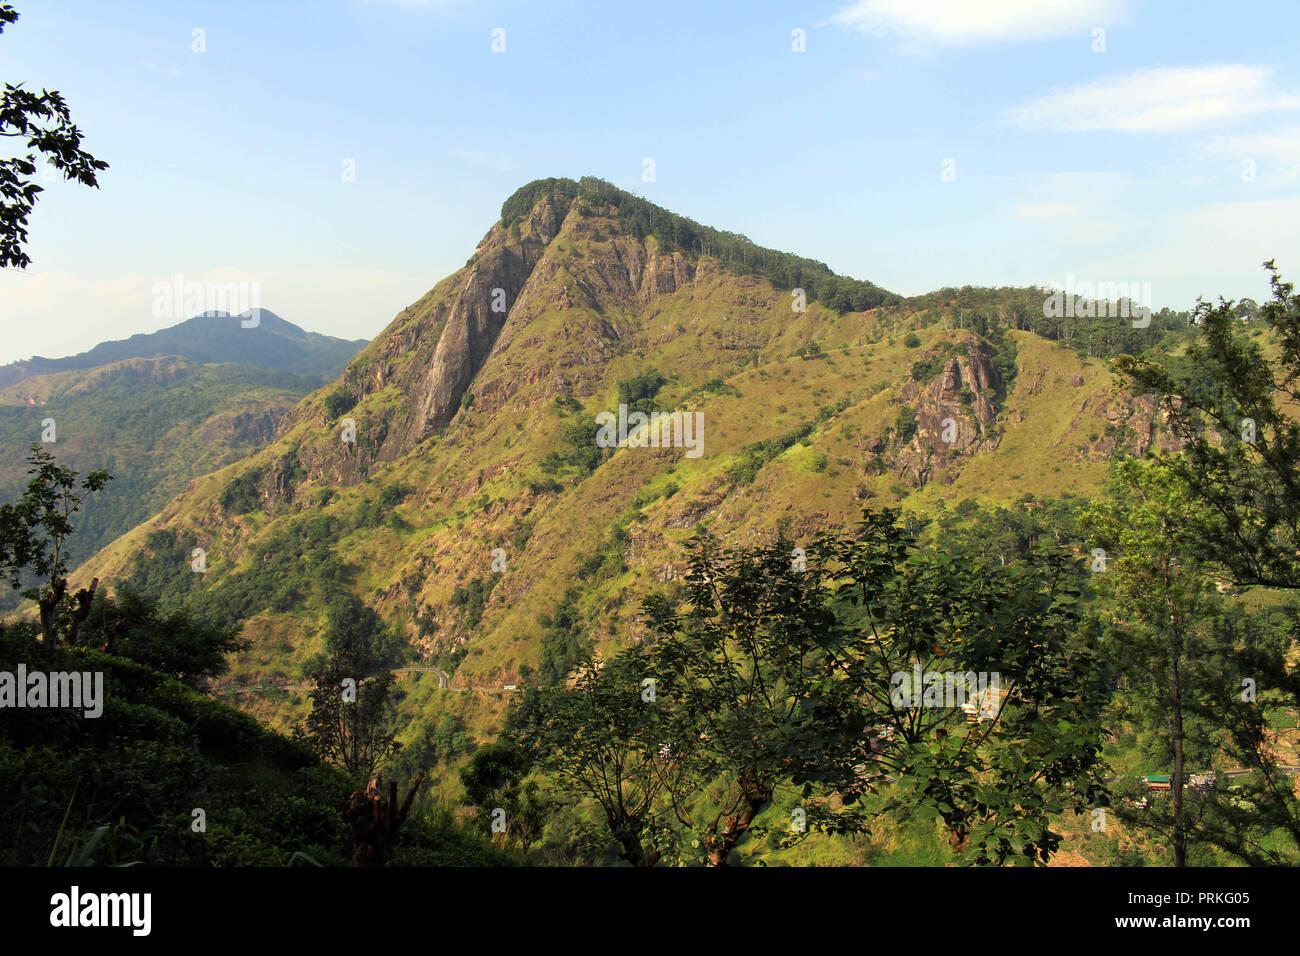 cb826029e The view of Ella Rock from Little Adam s Peak in Ella. Taken in Sri Lanka